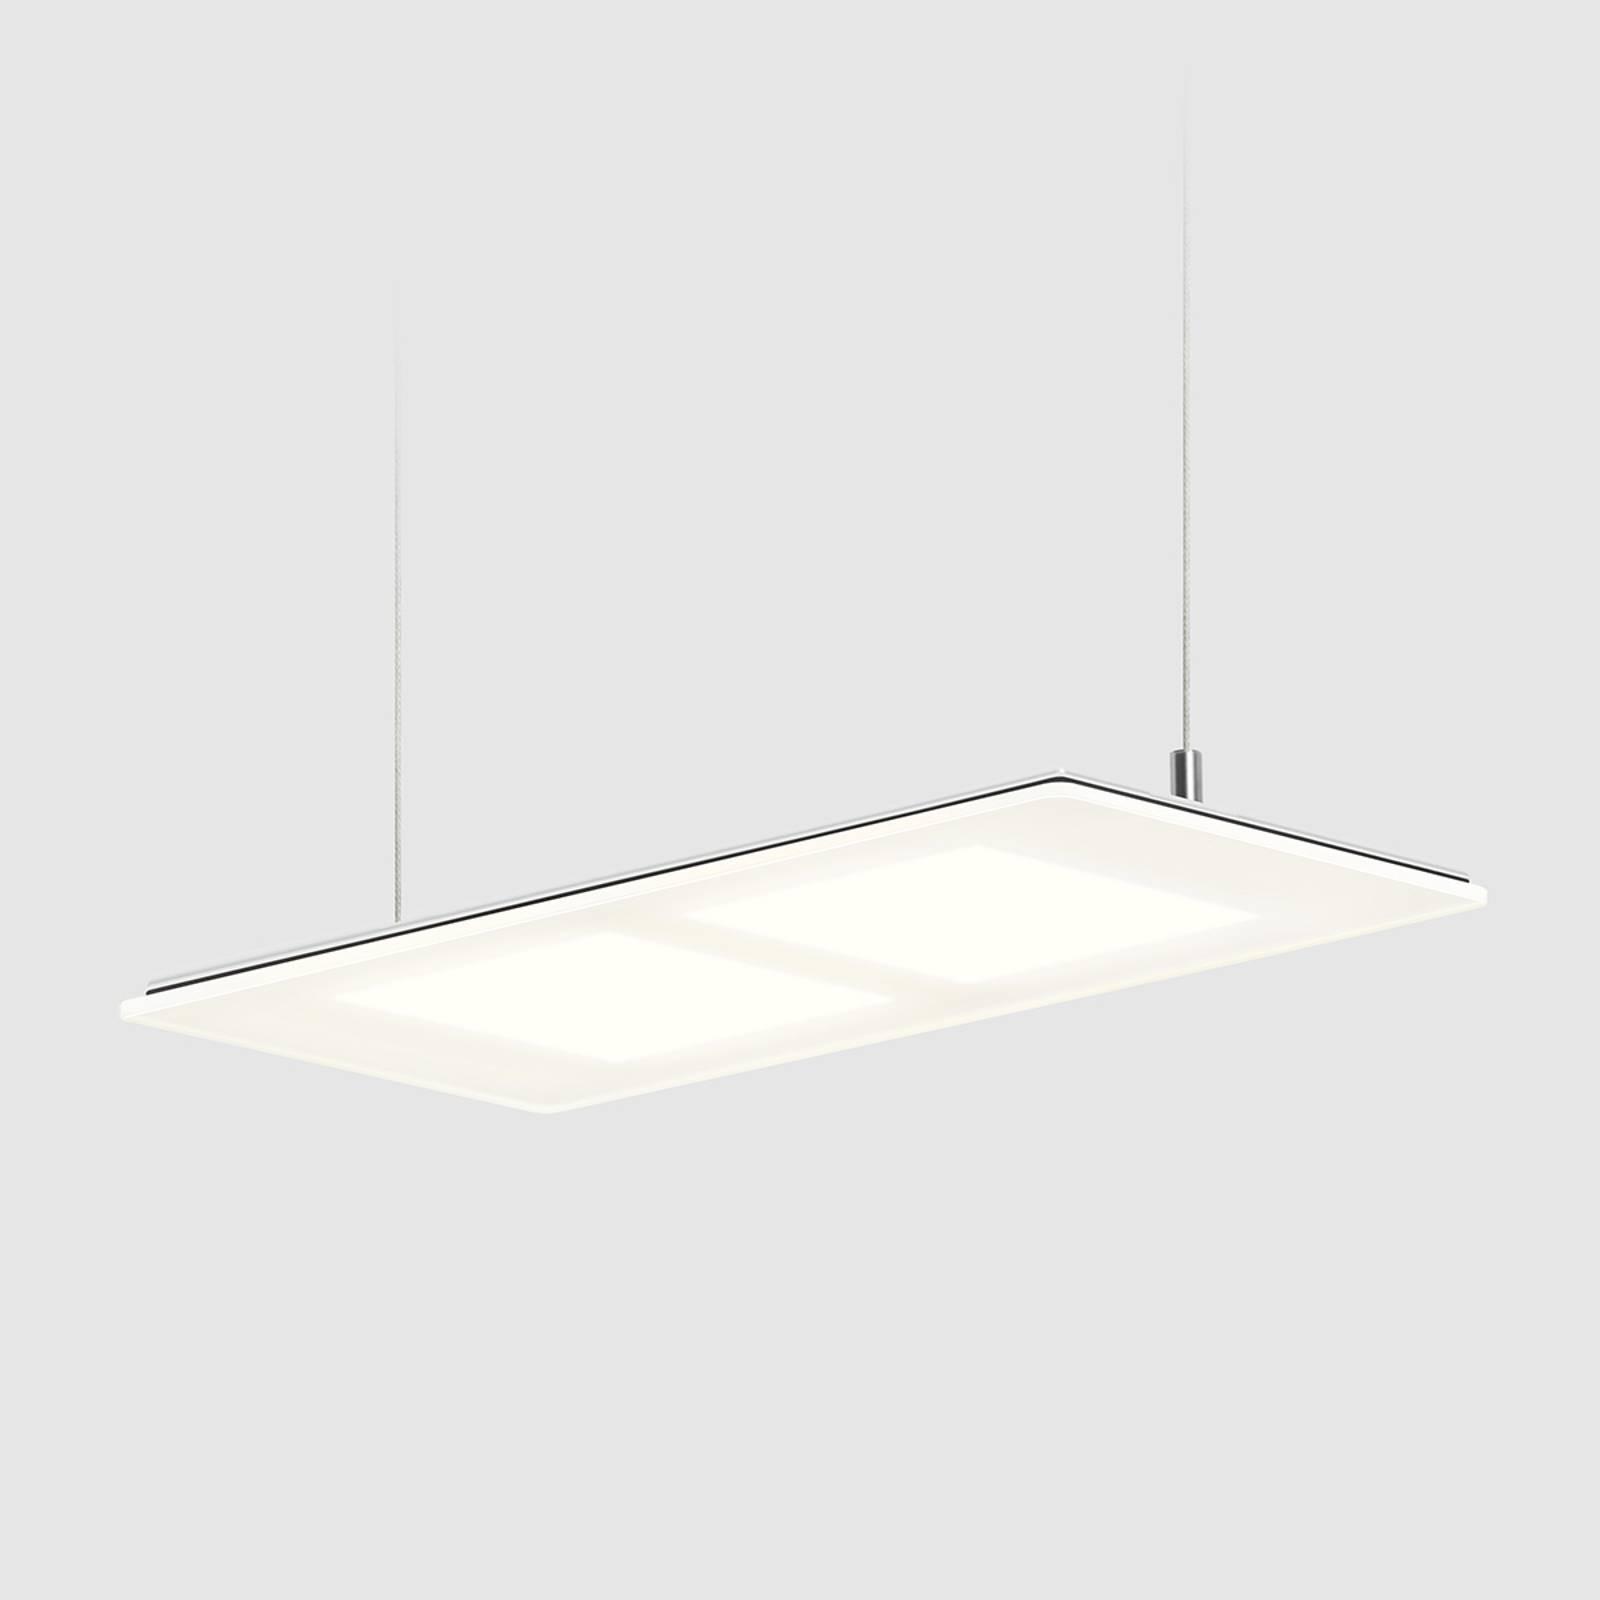 OMLED One s2 - valkoinen OLED-riippuvalaisin